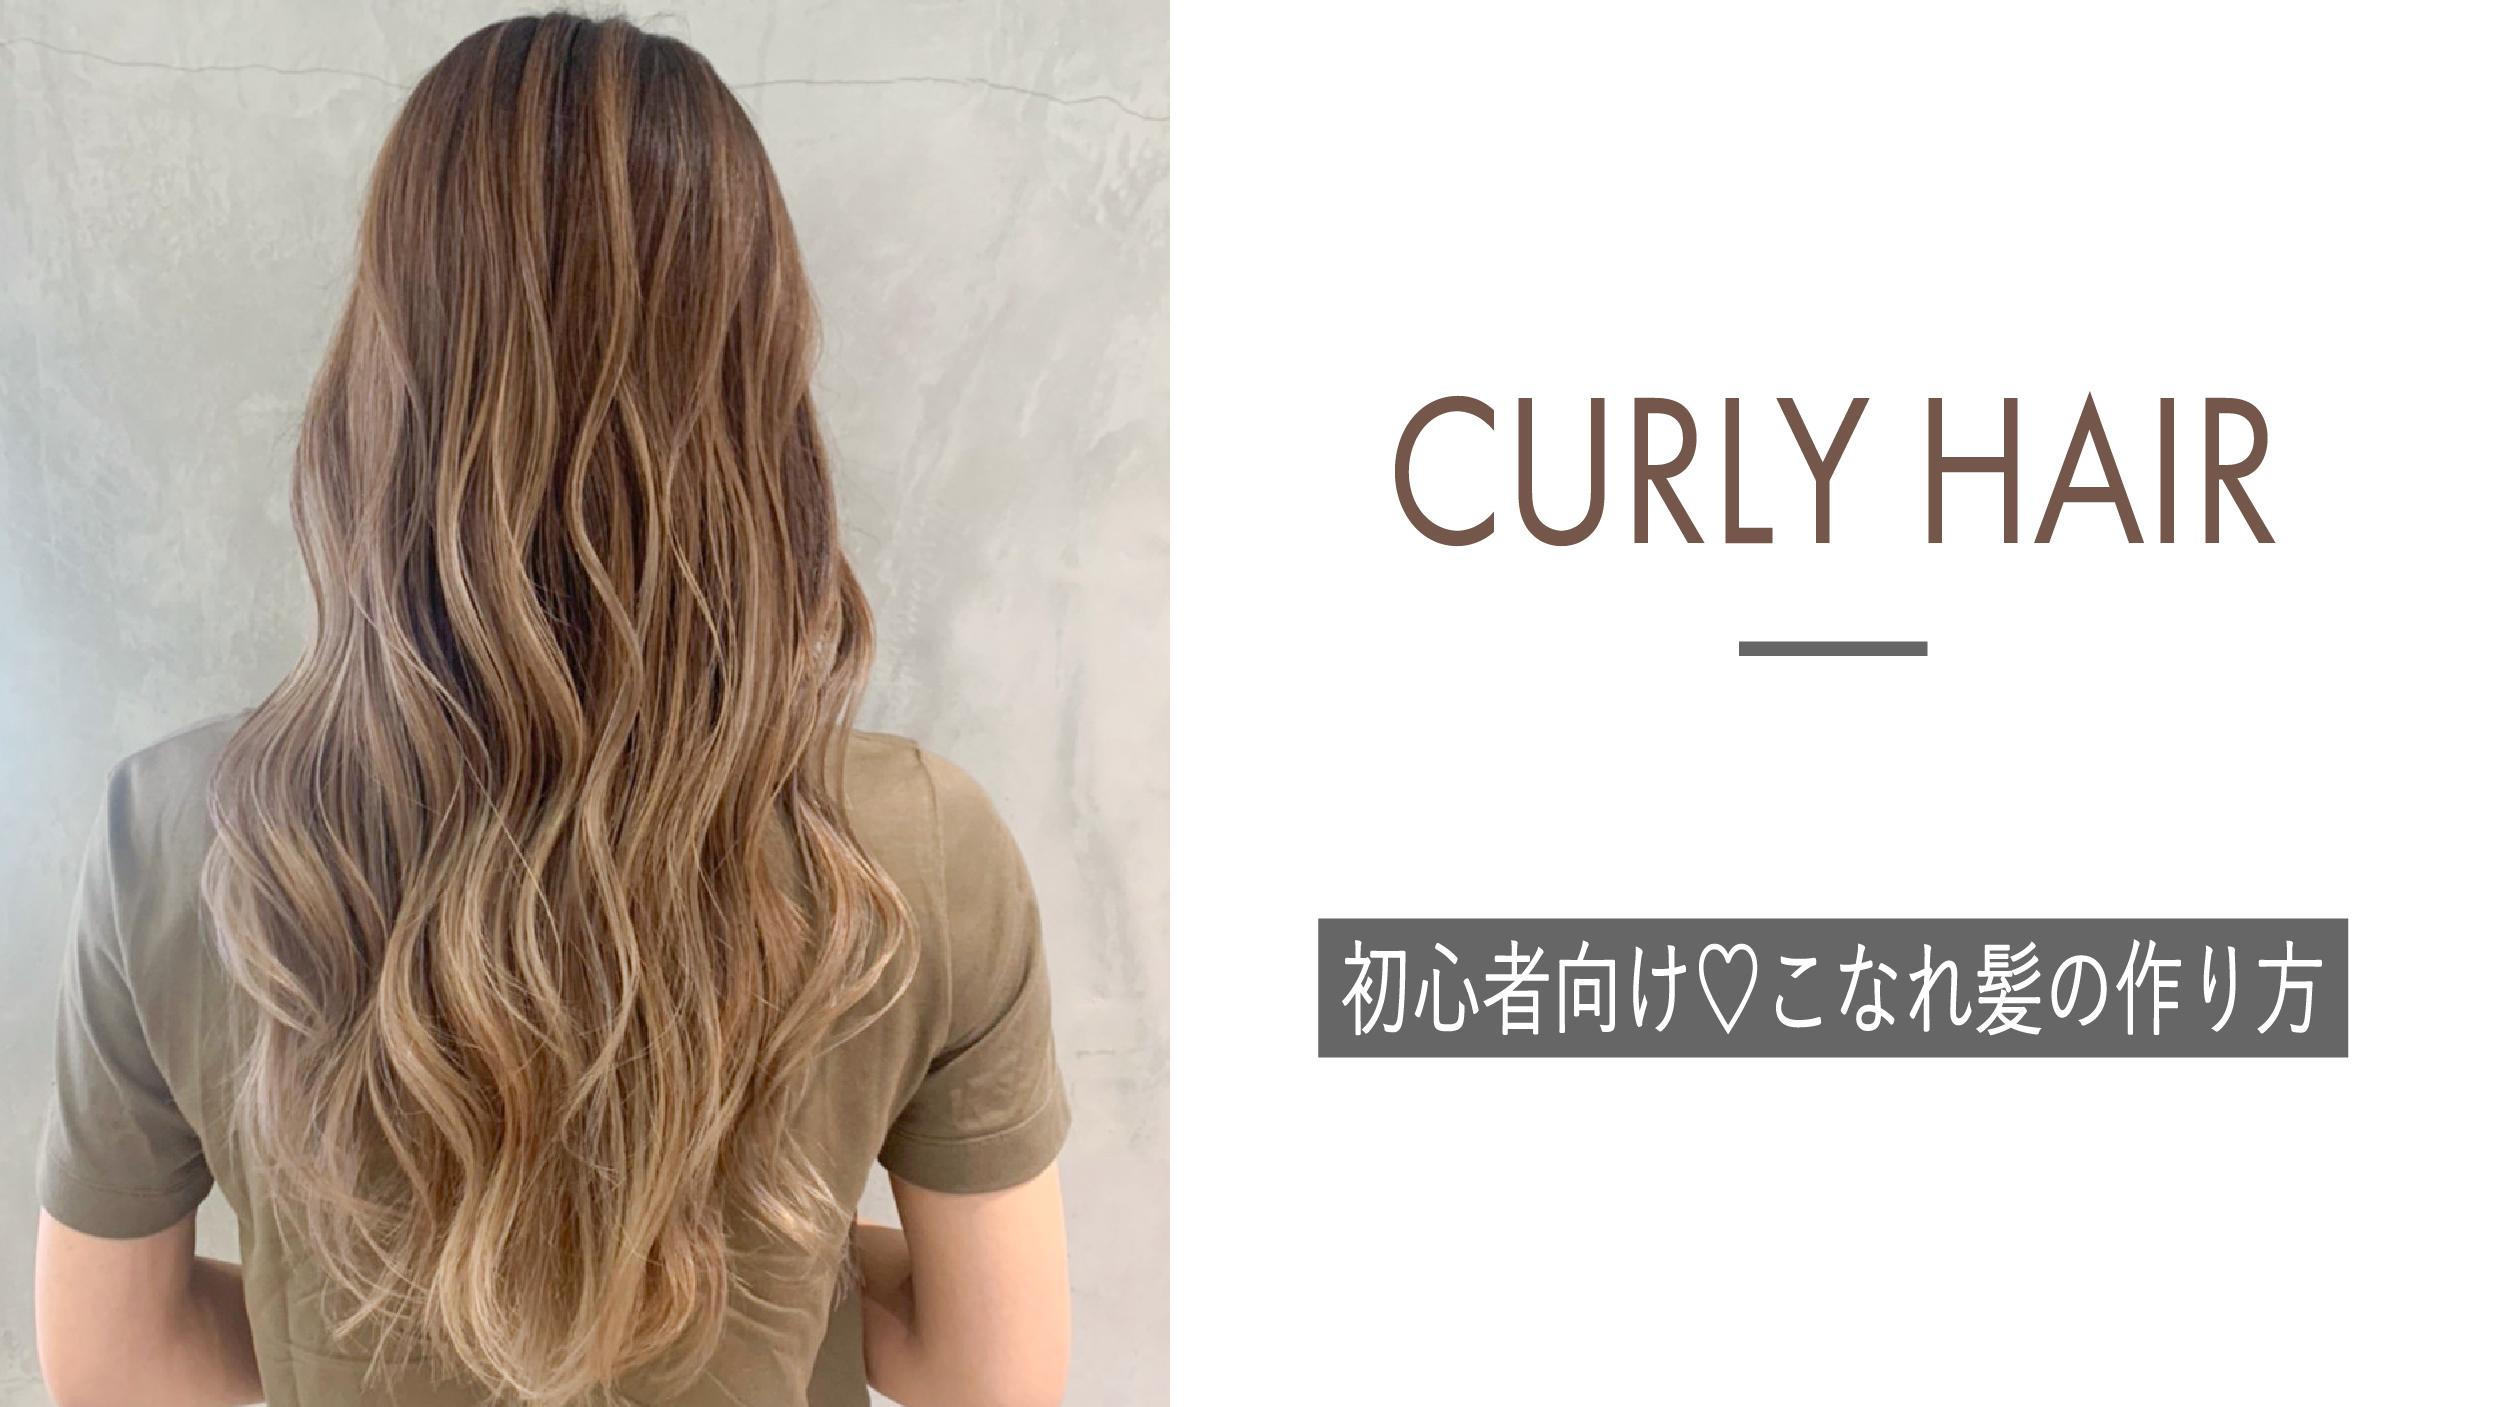 巻いて叶えるこなれ髪♡ひと手間でヘアアレンジが見違える!|PART8